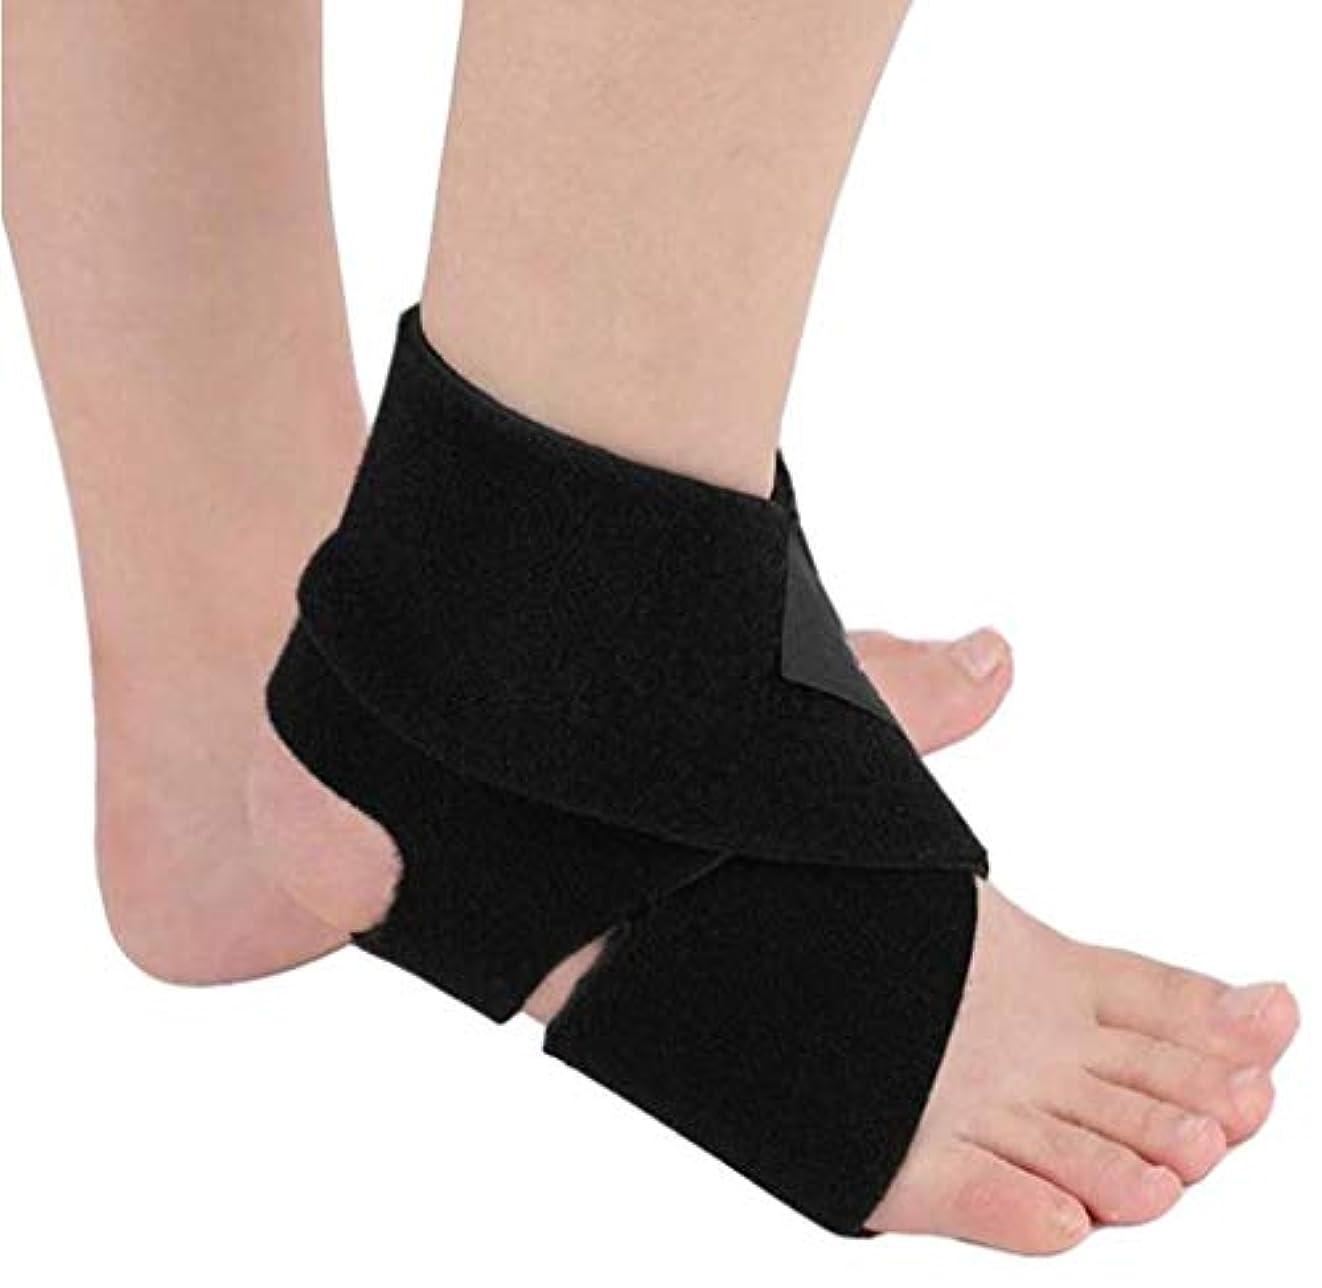 レディ支配的城標準的な足首の足の装具の全長トリミング可能なフットプレート、ドロップフットに最適